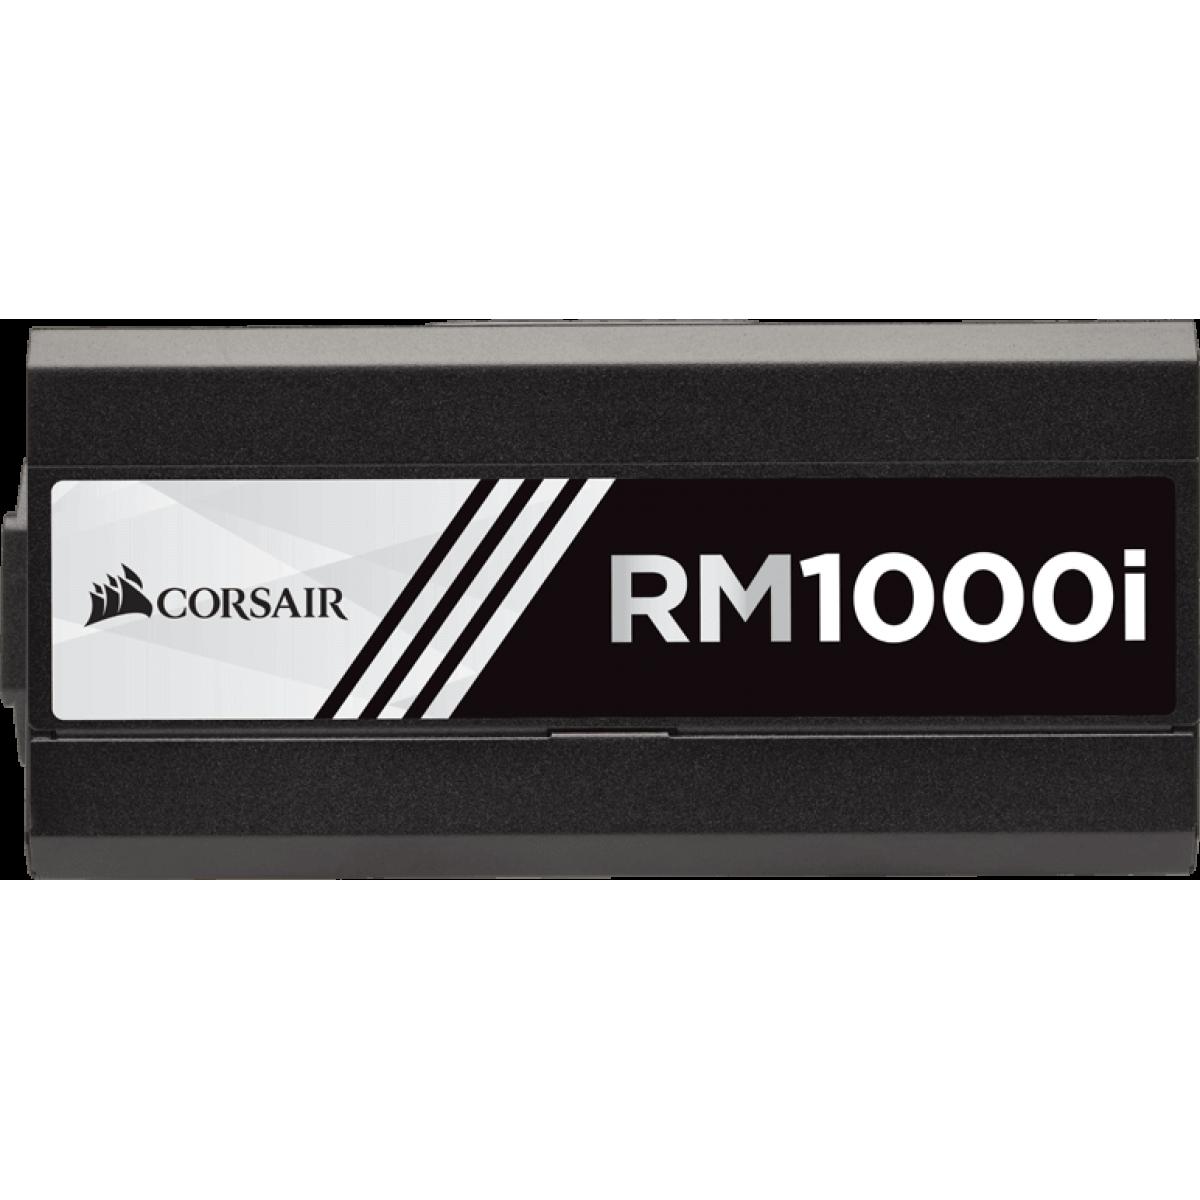 Fonte Corsair RM1000i 1000W, 80 Plus Gold, PFC Ativo, Full Modular, CP-9020084-WW